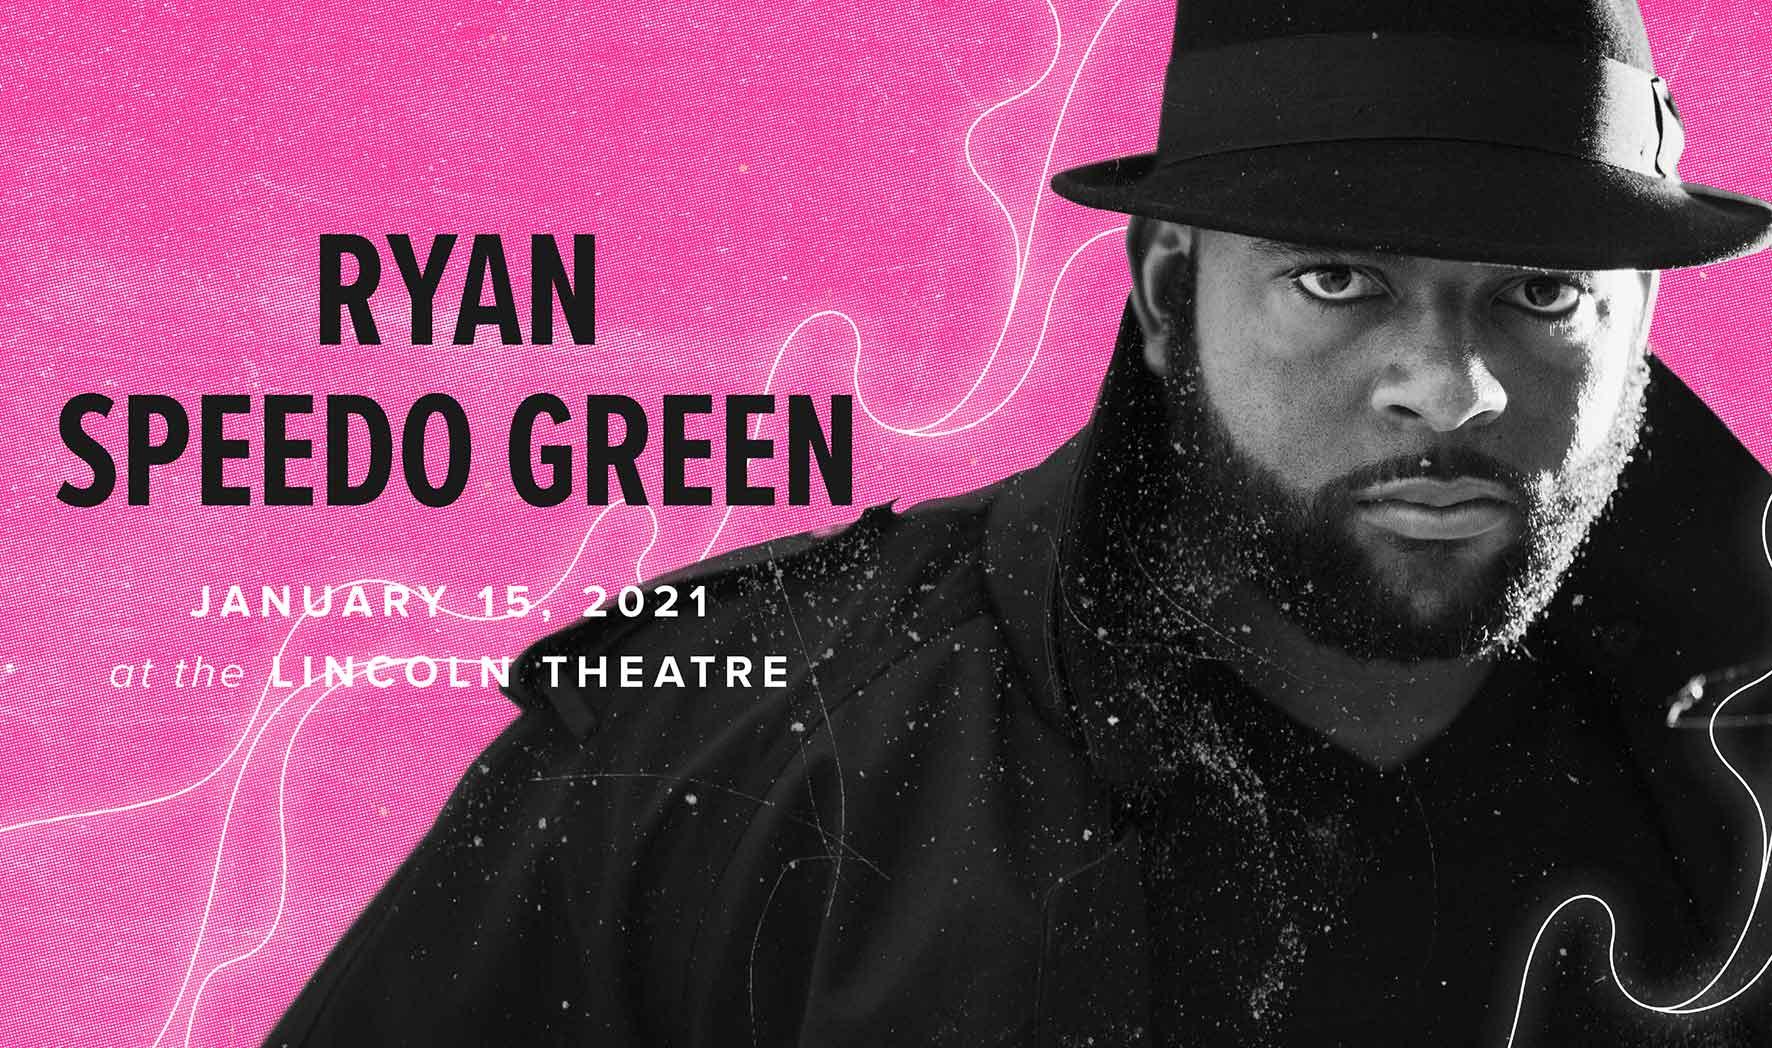 Ryan Speedo Green